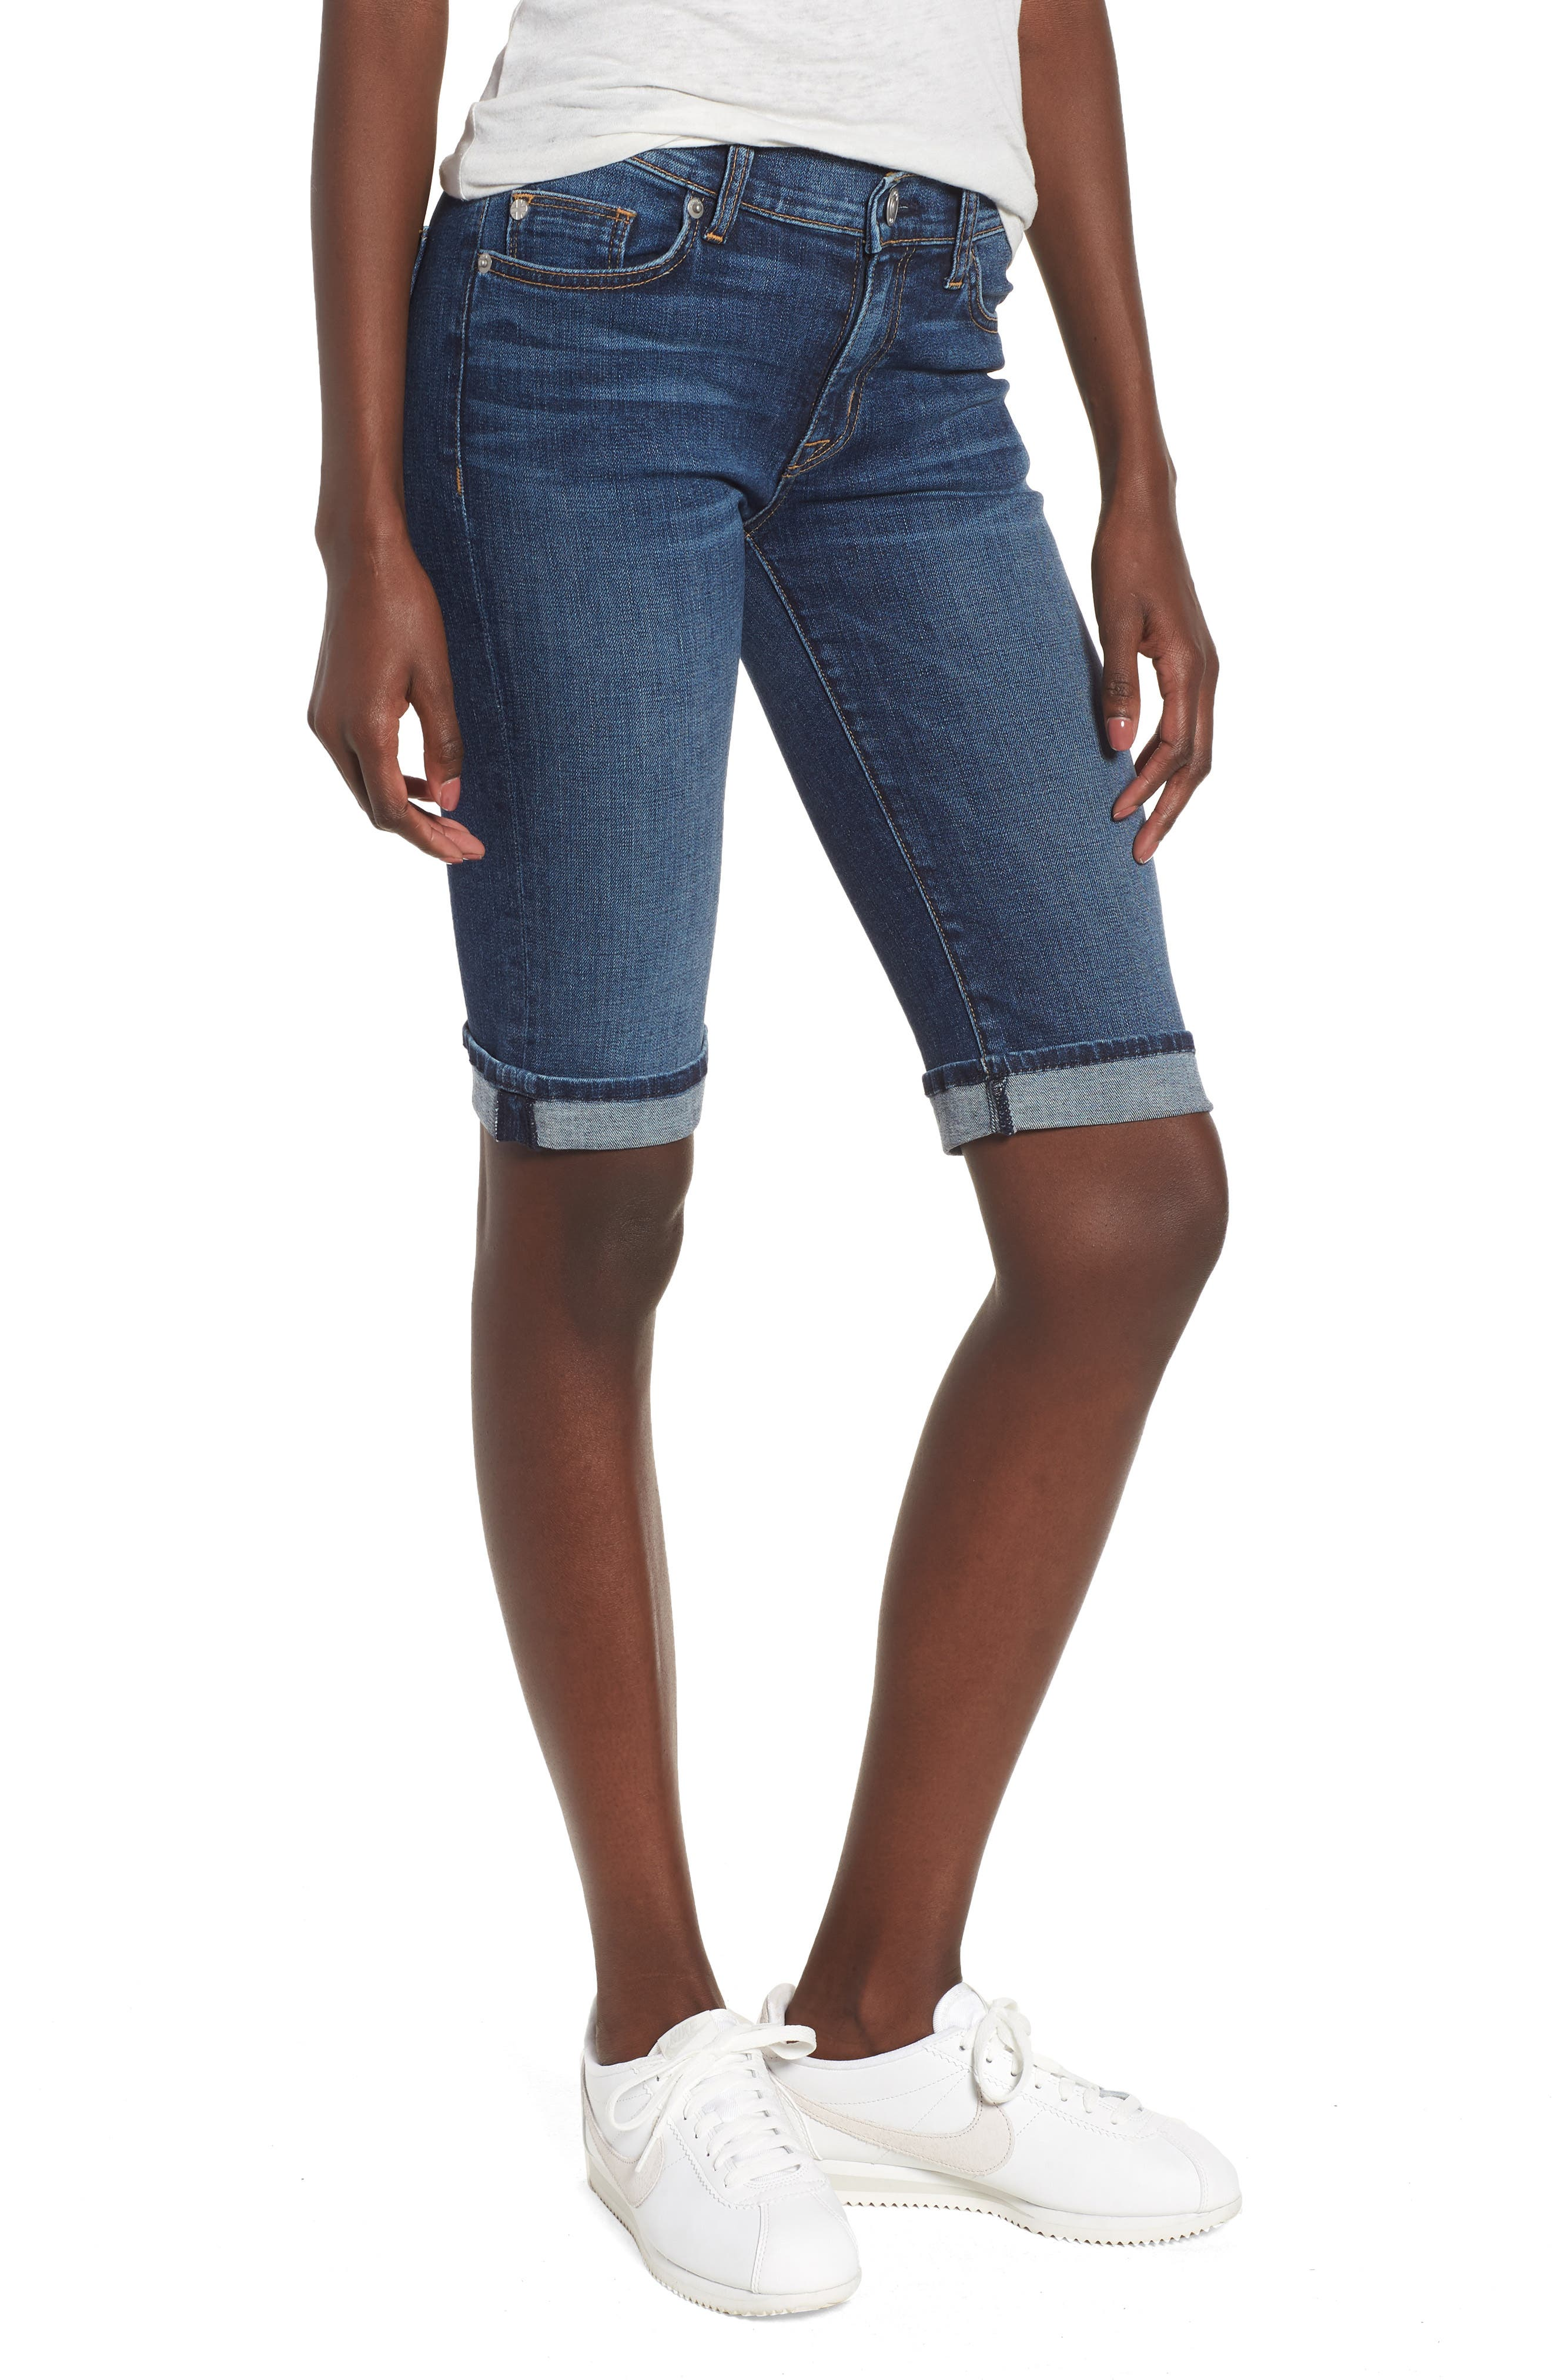 Main Image - Hudson Jeans Amelia Rolled Knee Shorts (Unfamed)